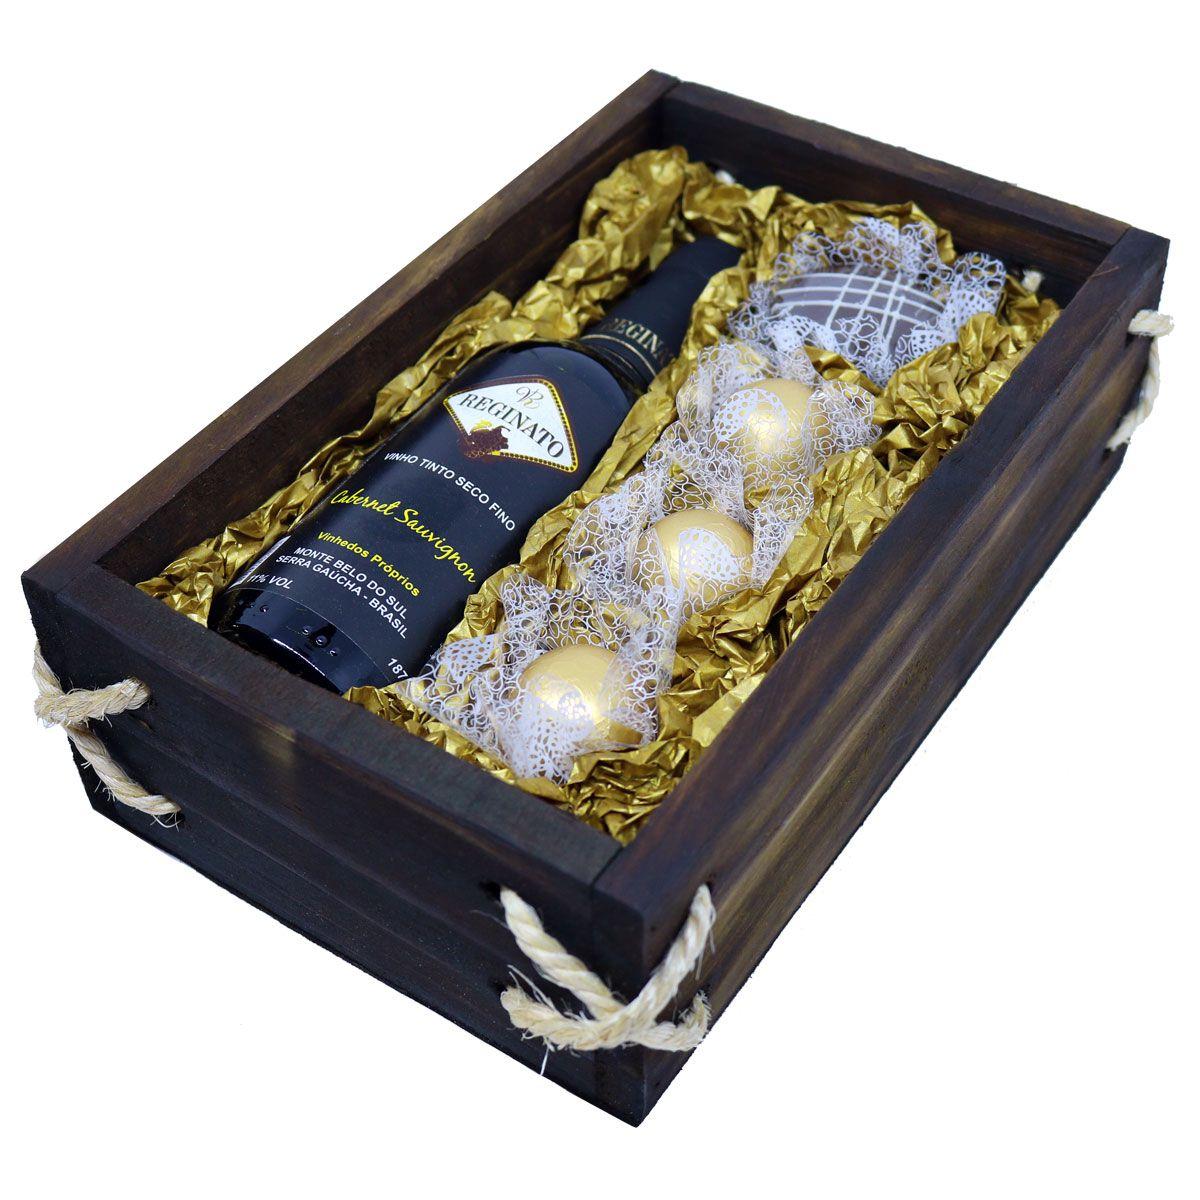 Estojo de Madeira com Vinho e Bombons com Chocolate Belga